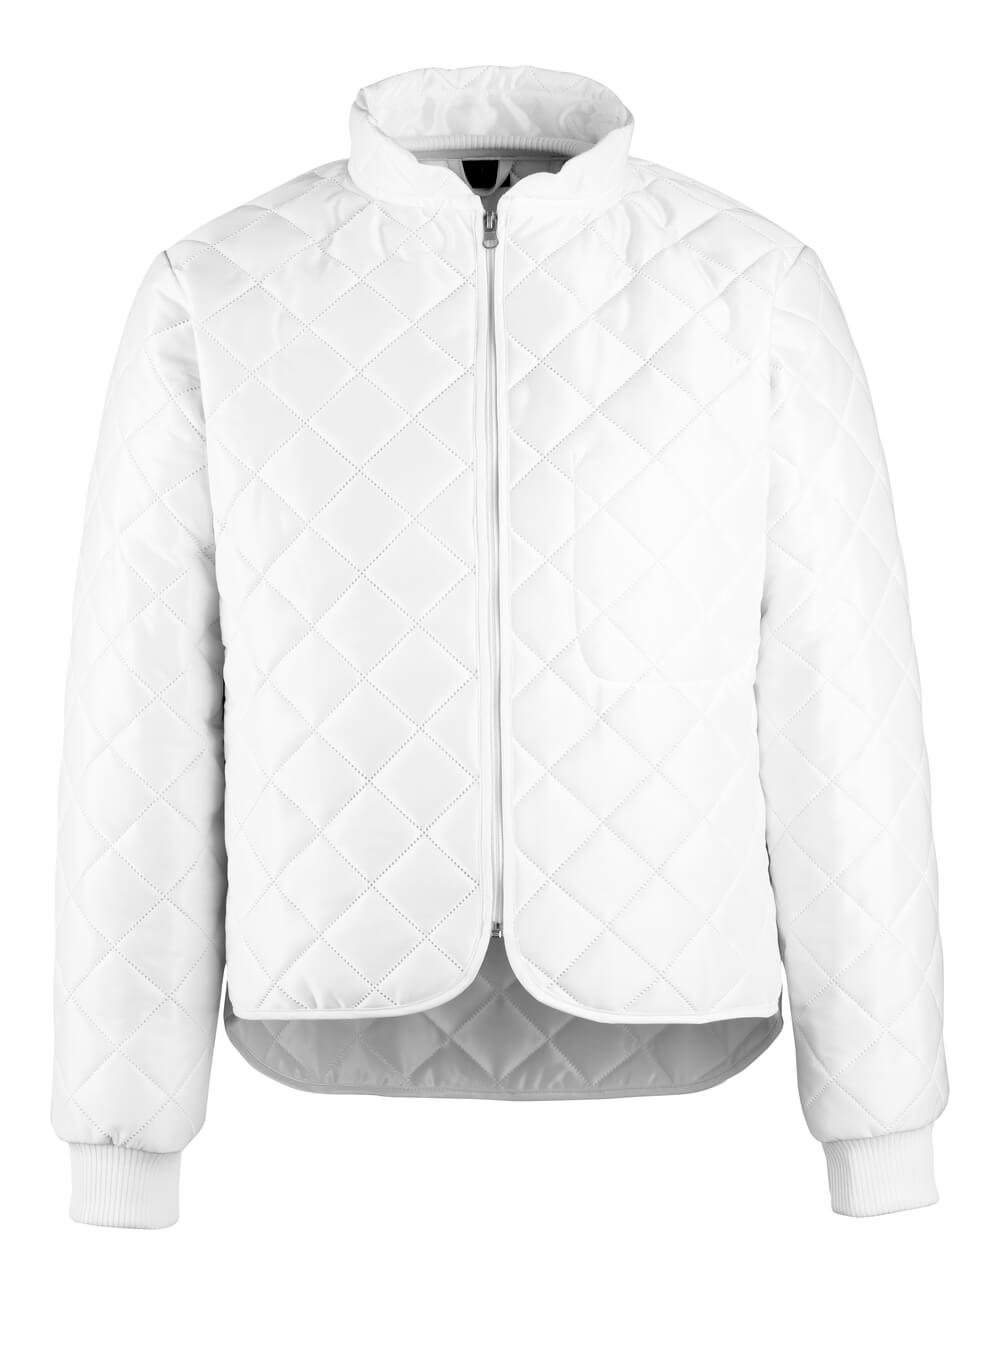 13528-707-06 Thermal Jacket - white